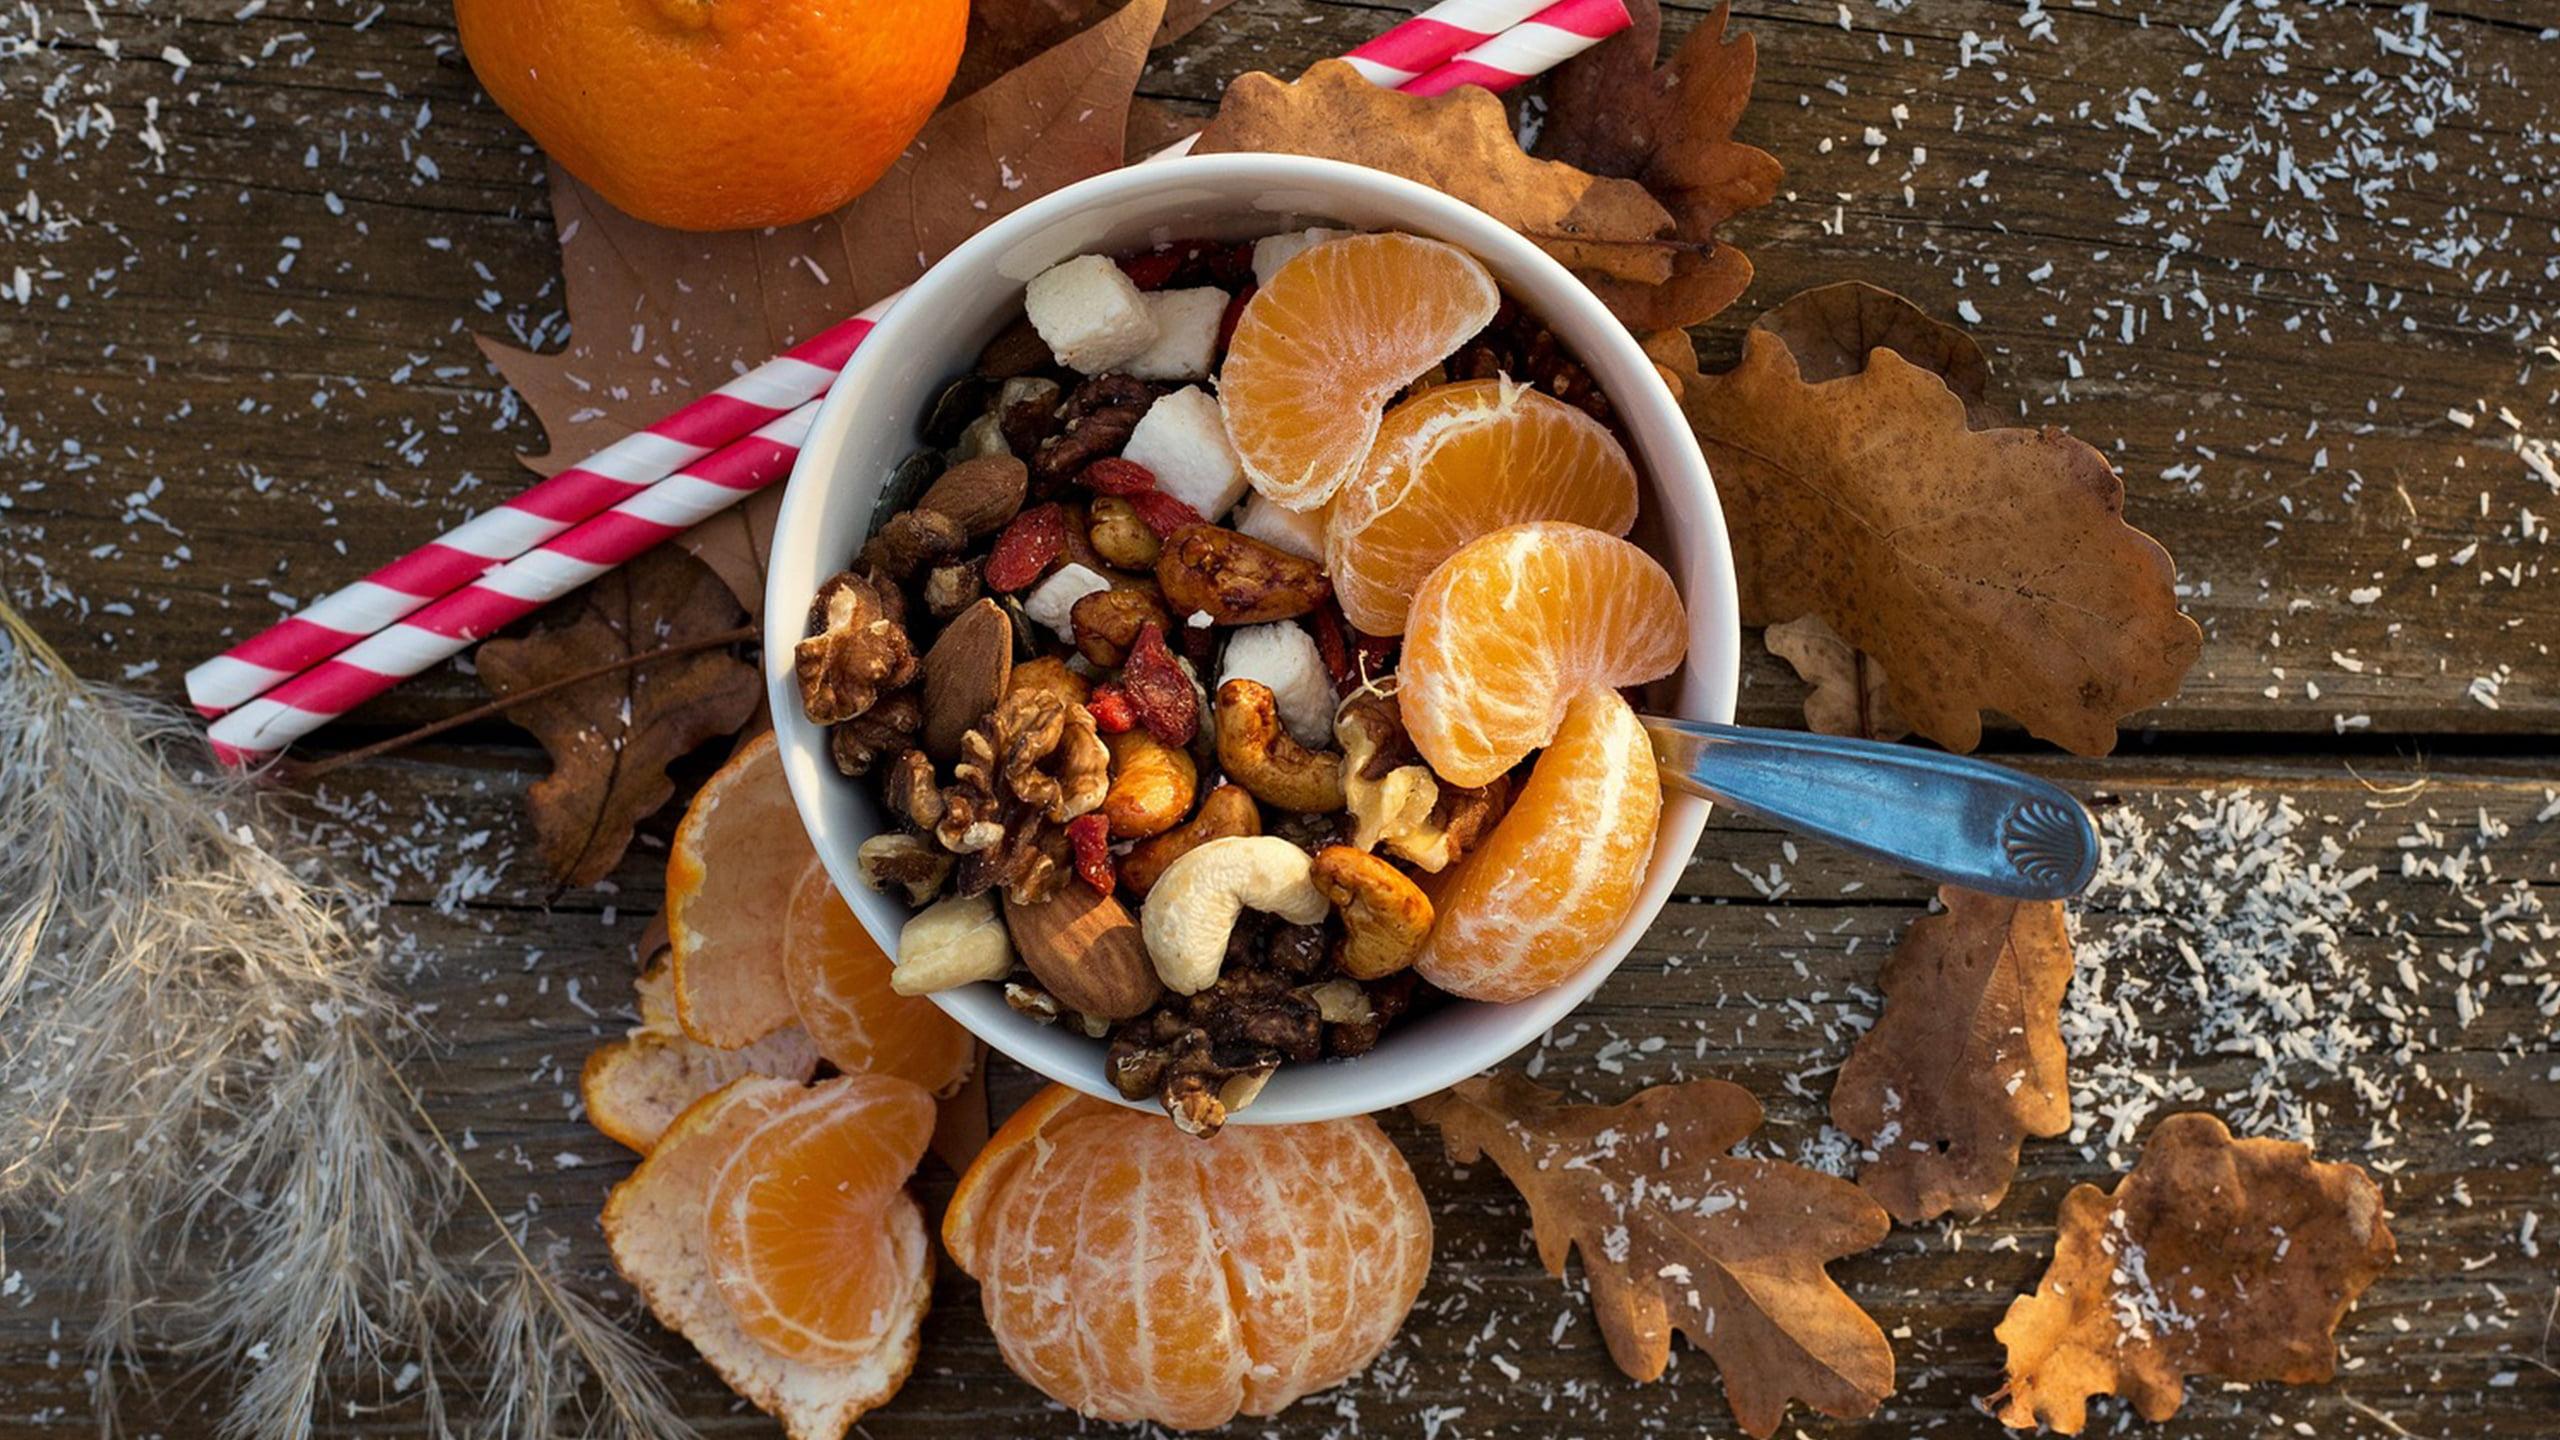 saisonale lebensmittel im winter weihnachtliches arrangement mit nüssen und mandarinen